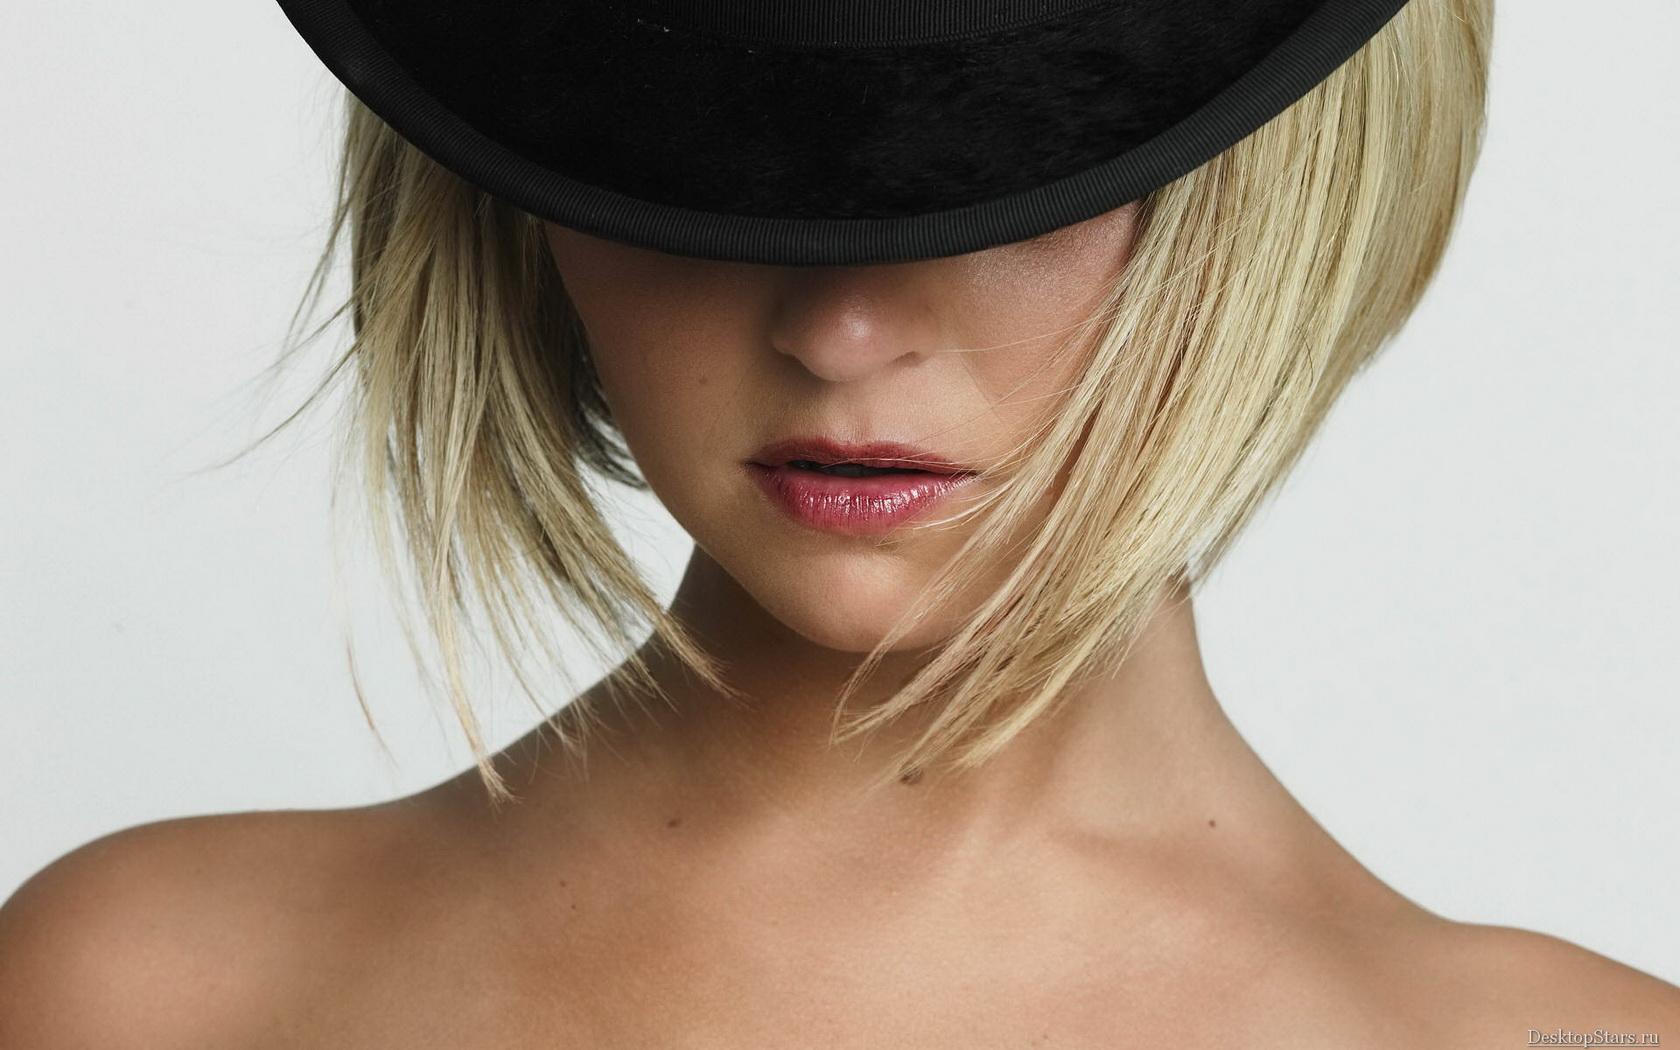 Фото девушек в шляпах на аву